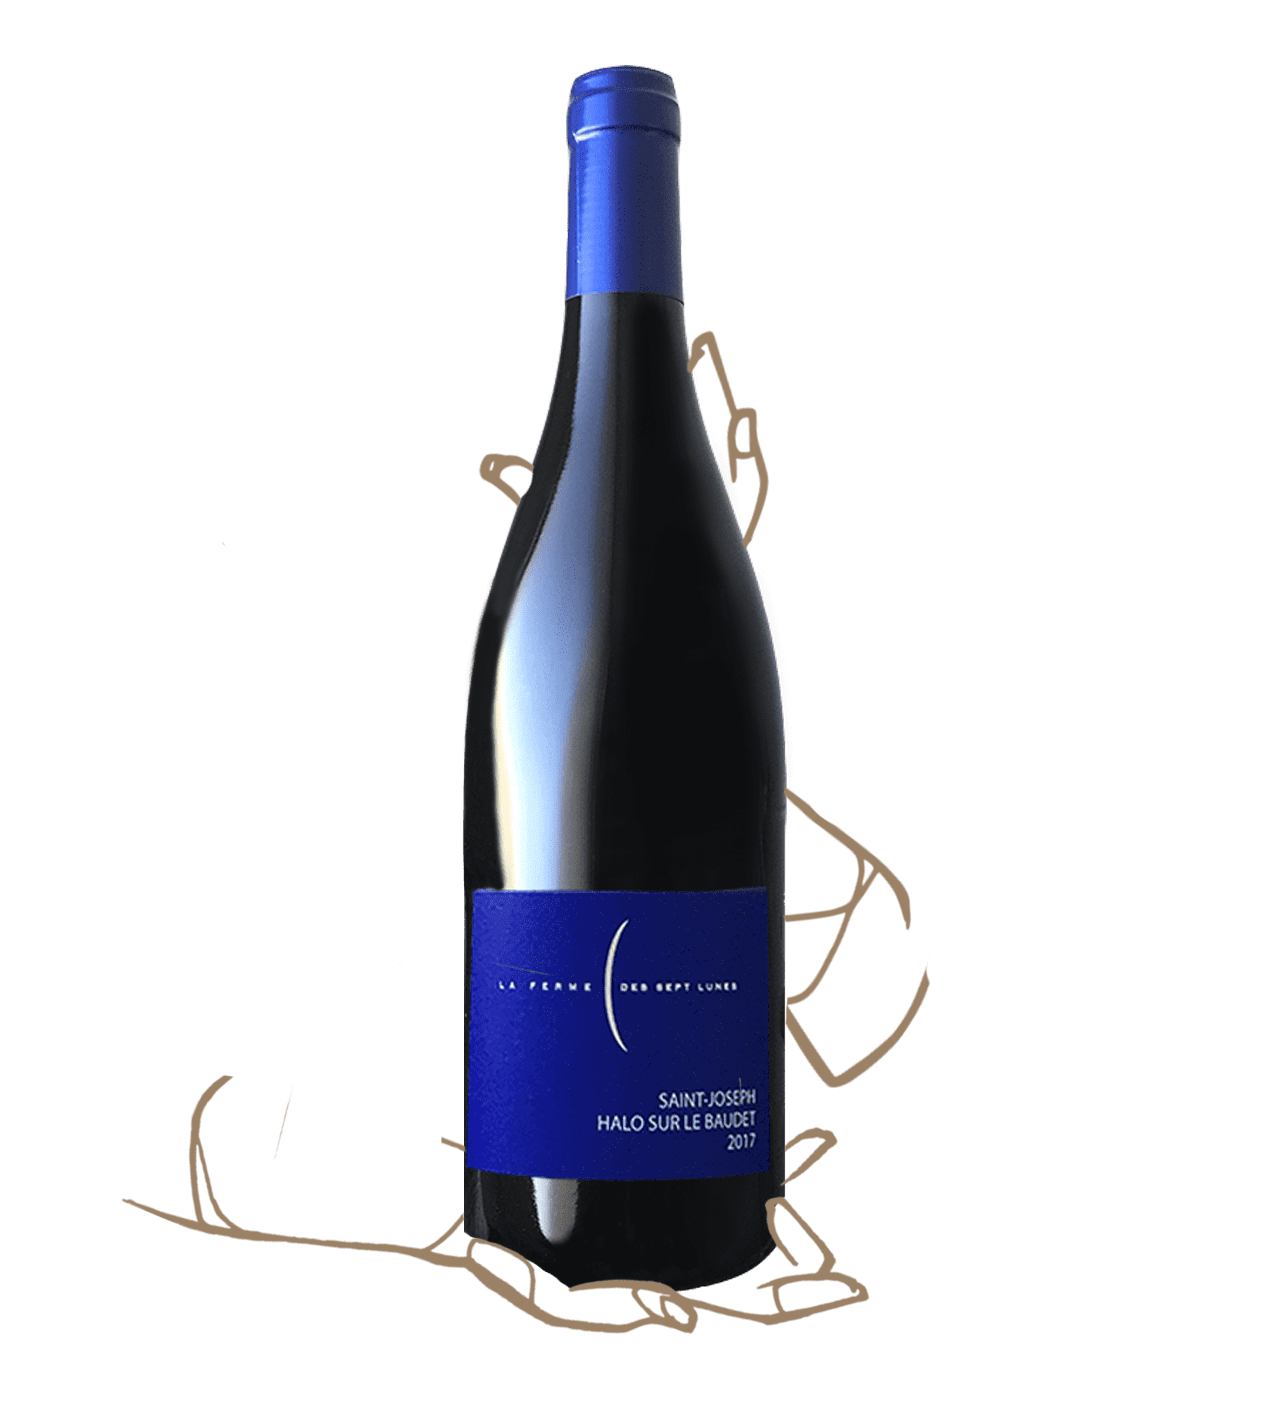 Halo sur le Baudet de la Ferme des 7 lunes est un vin naturel de Saint-Joseph